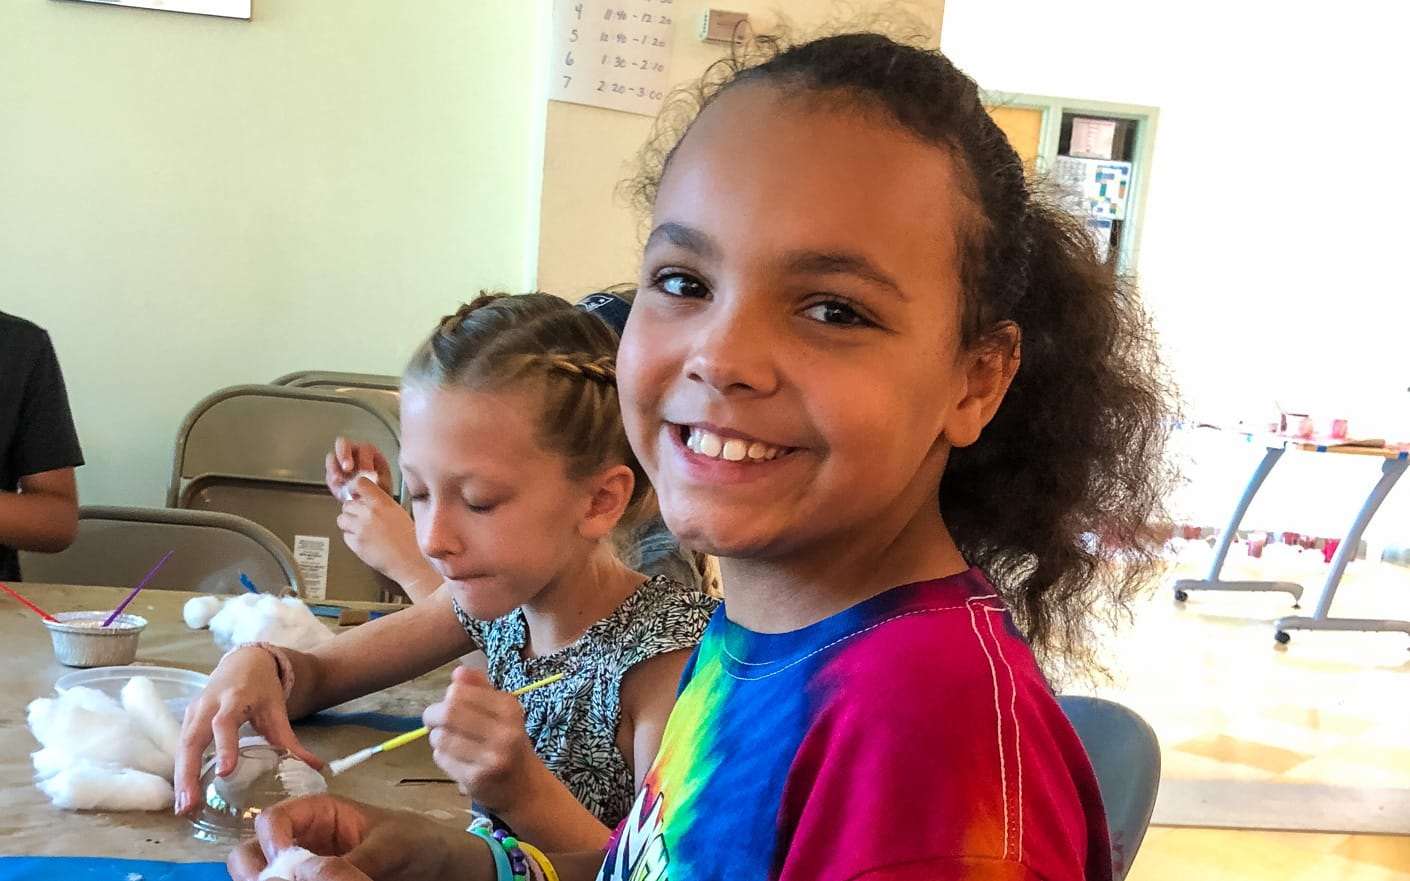 Girls at arts and crafts